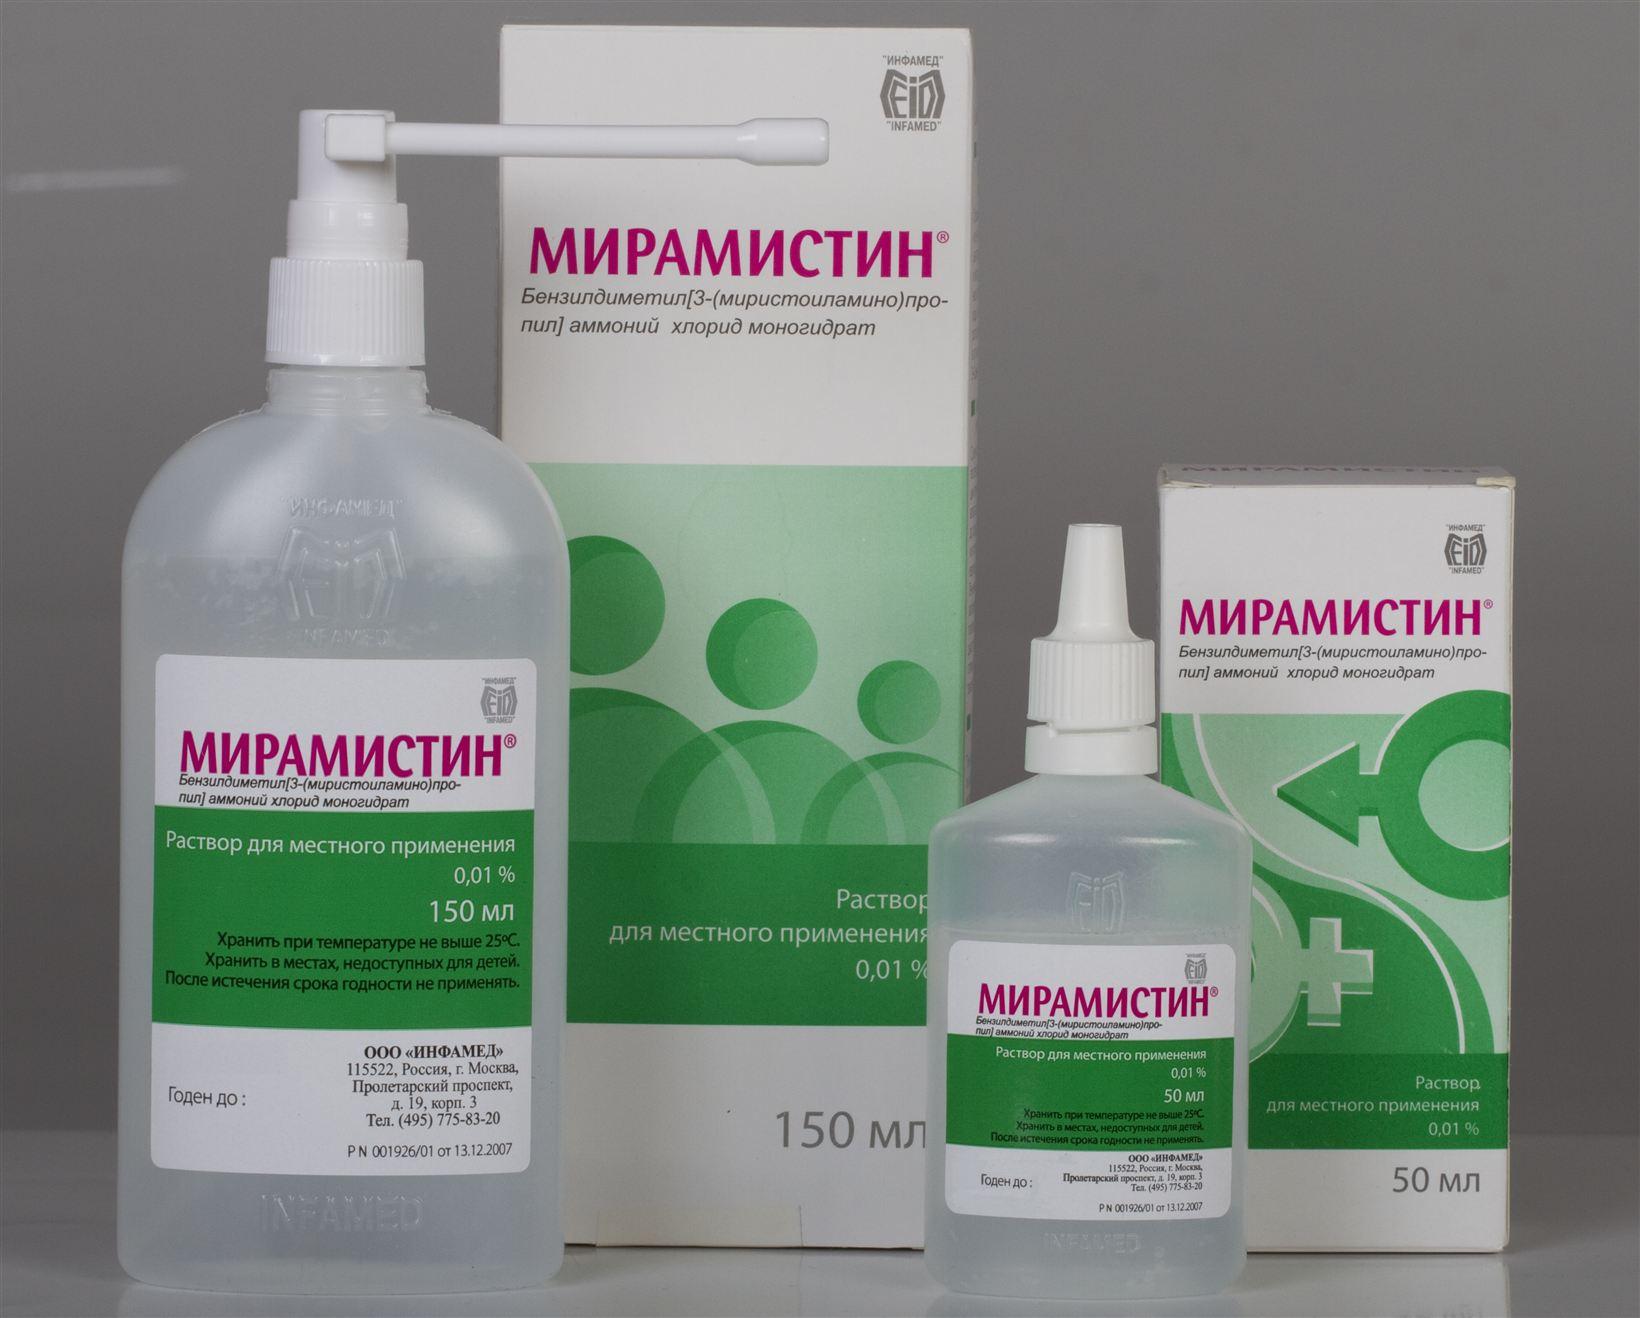 Мирамистин антибактериальное средство